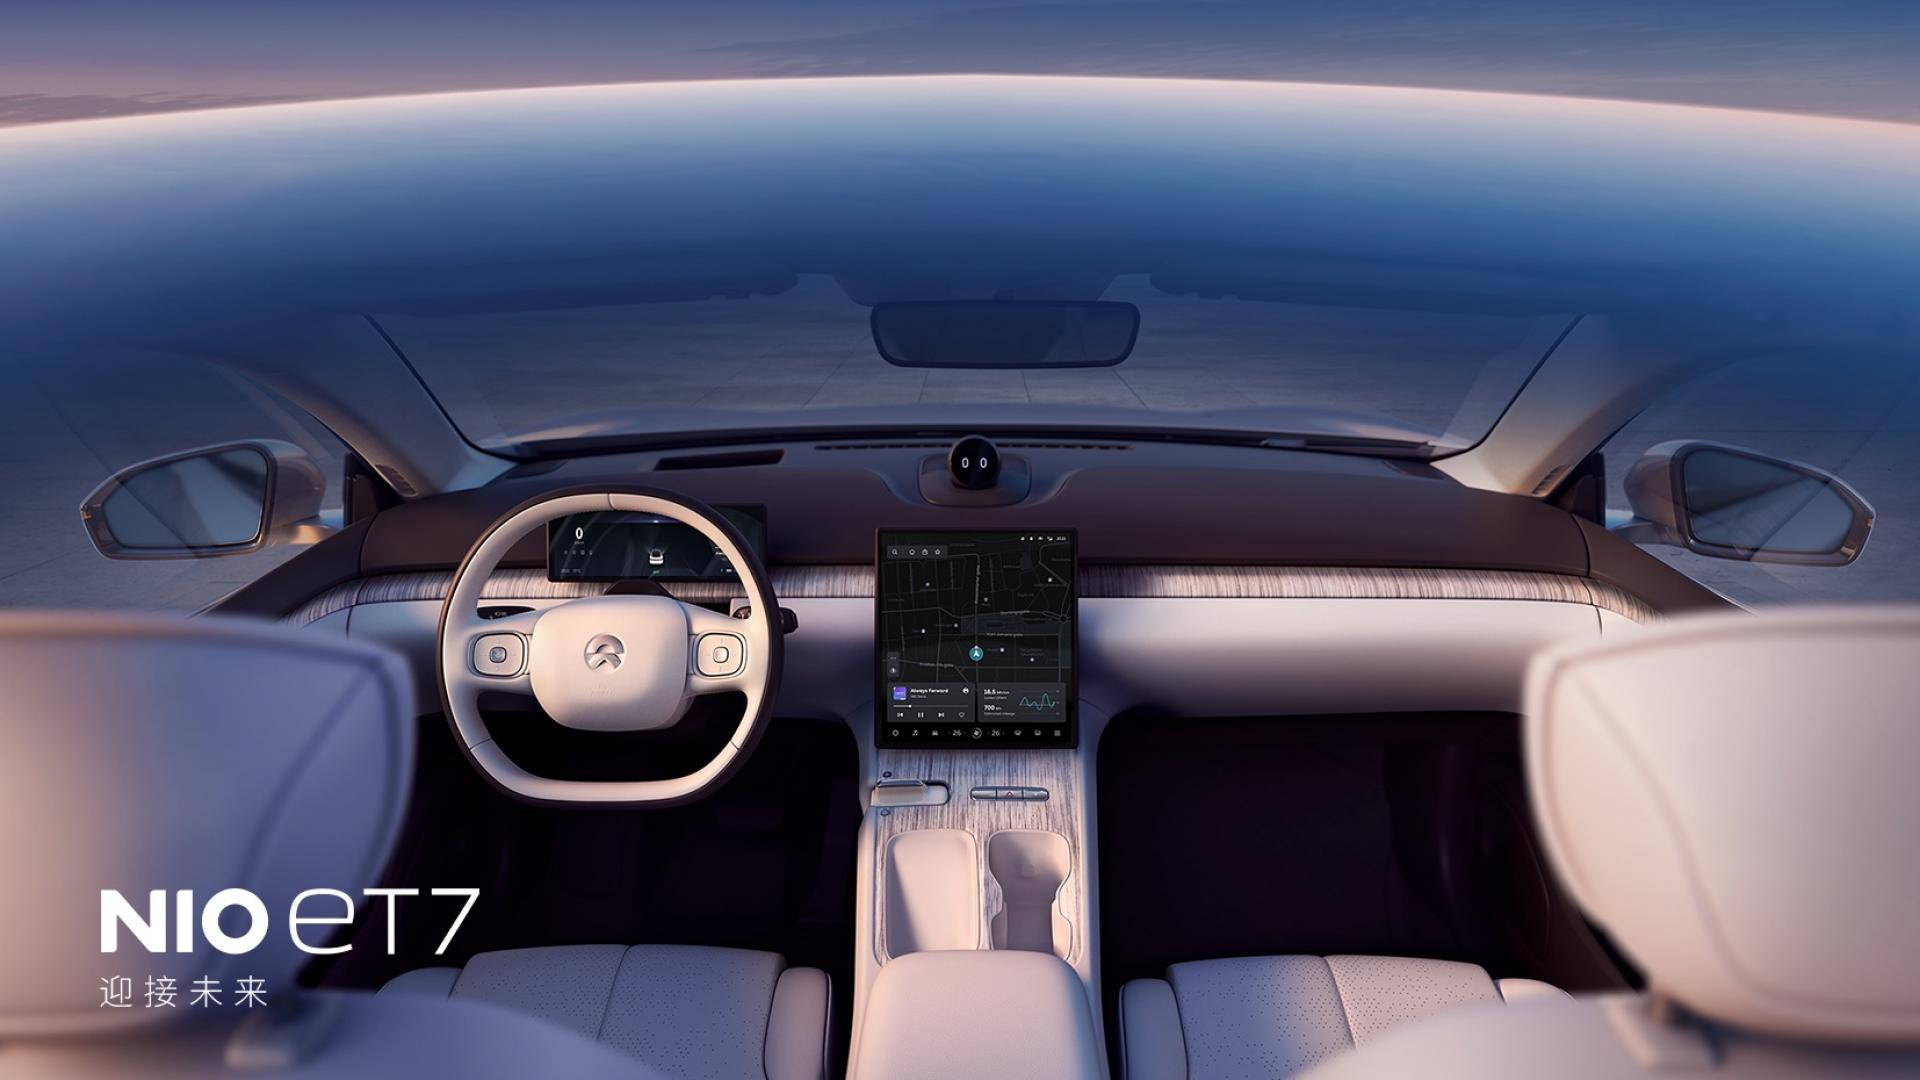 Das Mitteldisplay der ET7 Limousine von Bio soll mit hohem Kontrast und bester Auflösung überzeugen. Fotocredit: © NIO – www.nio.com